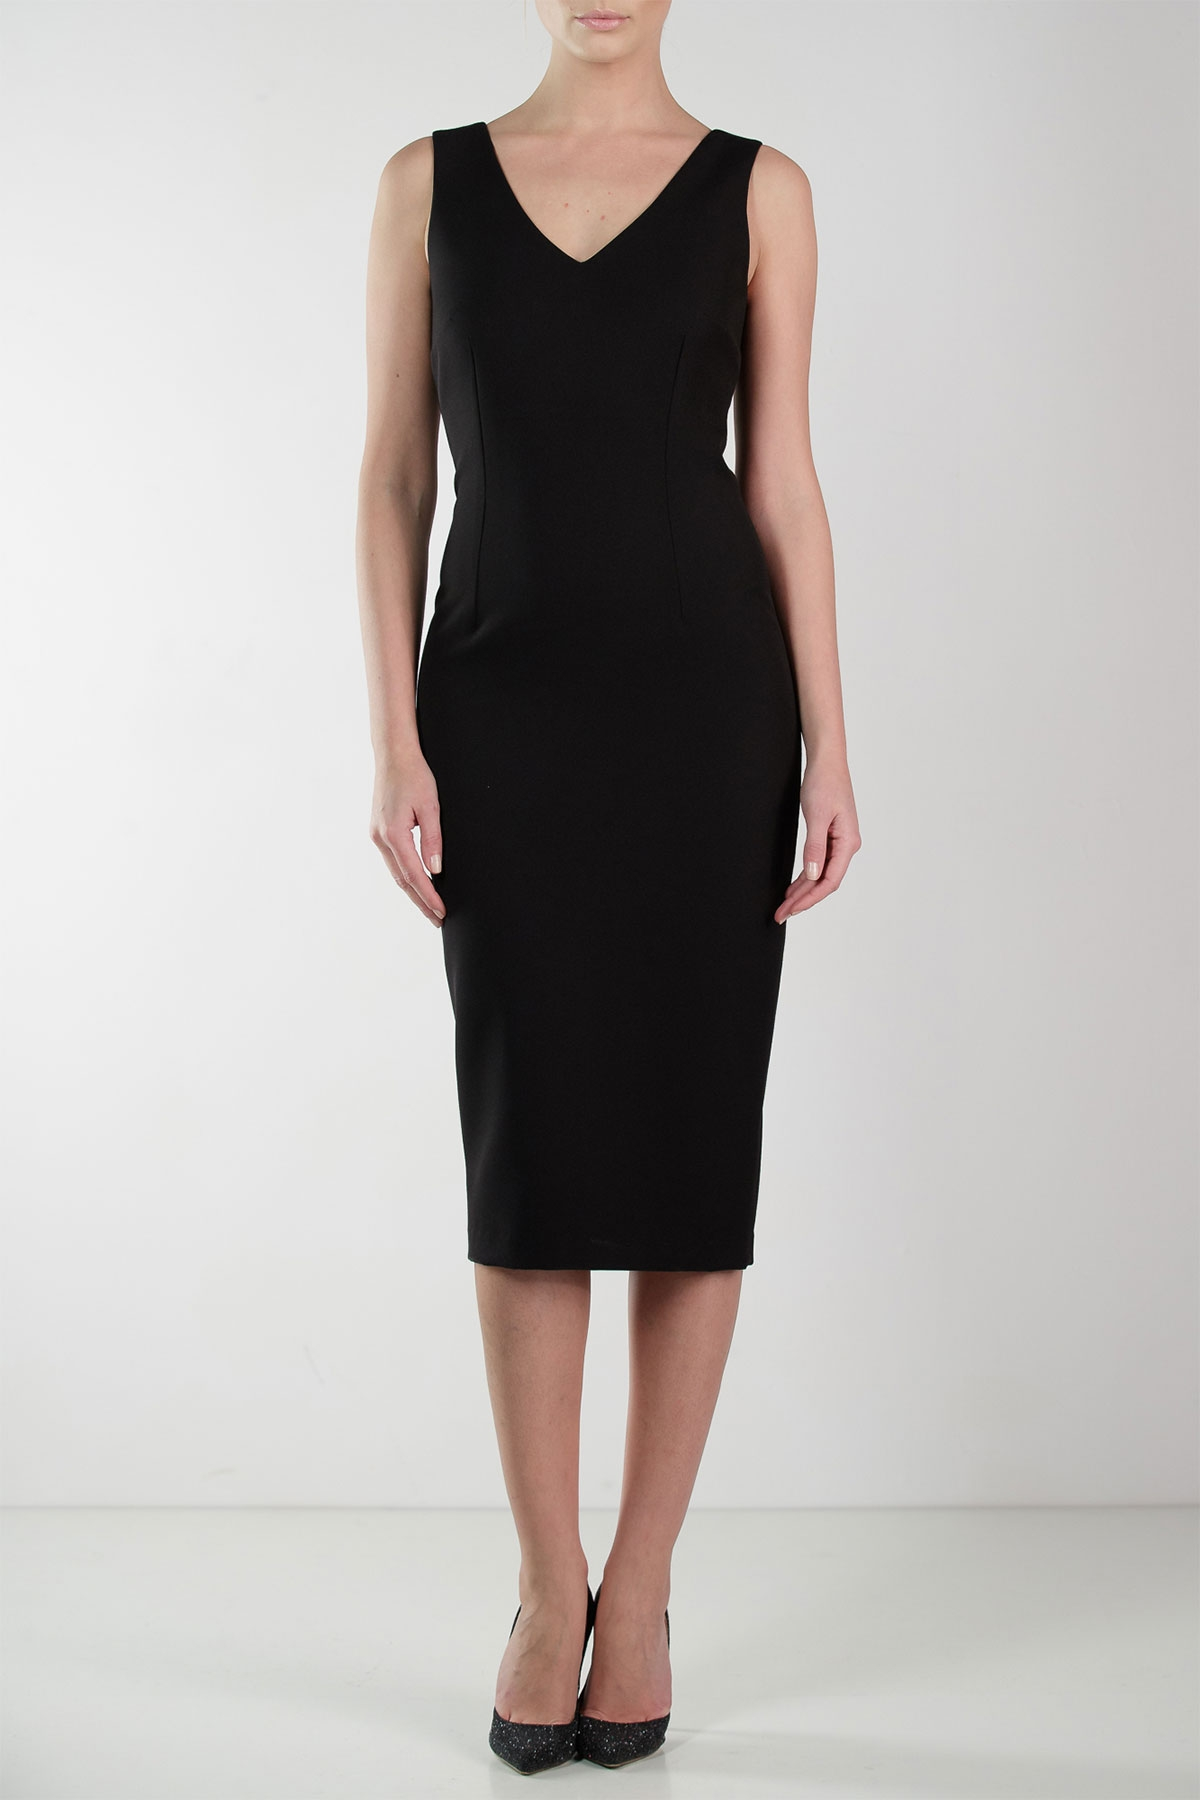 SLEEVLESS BLACK DRESS